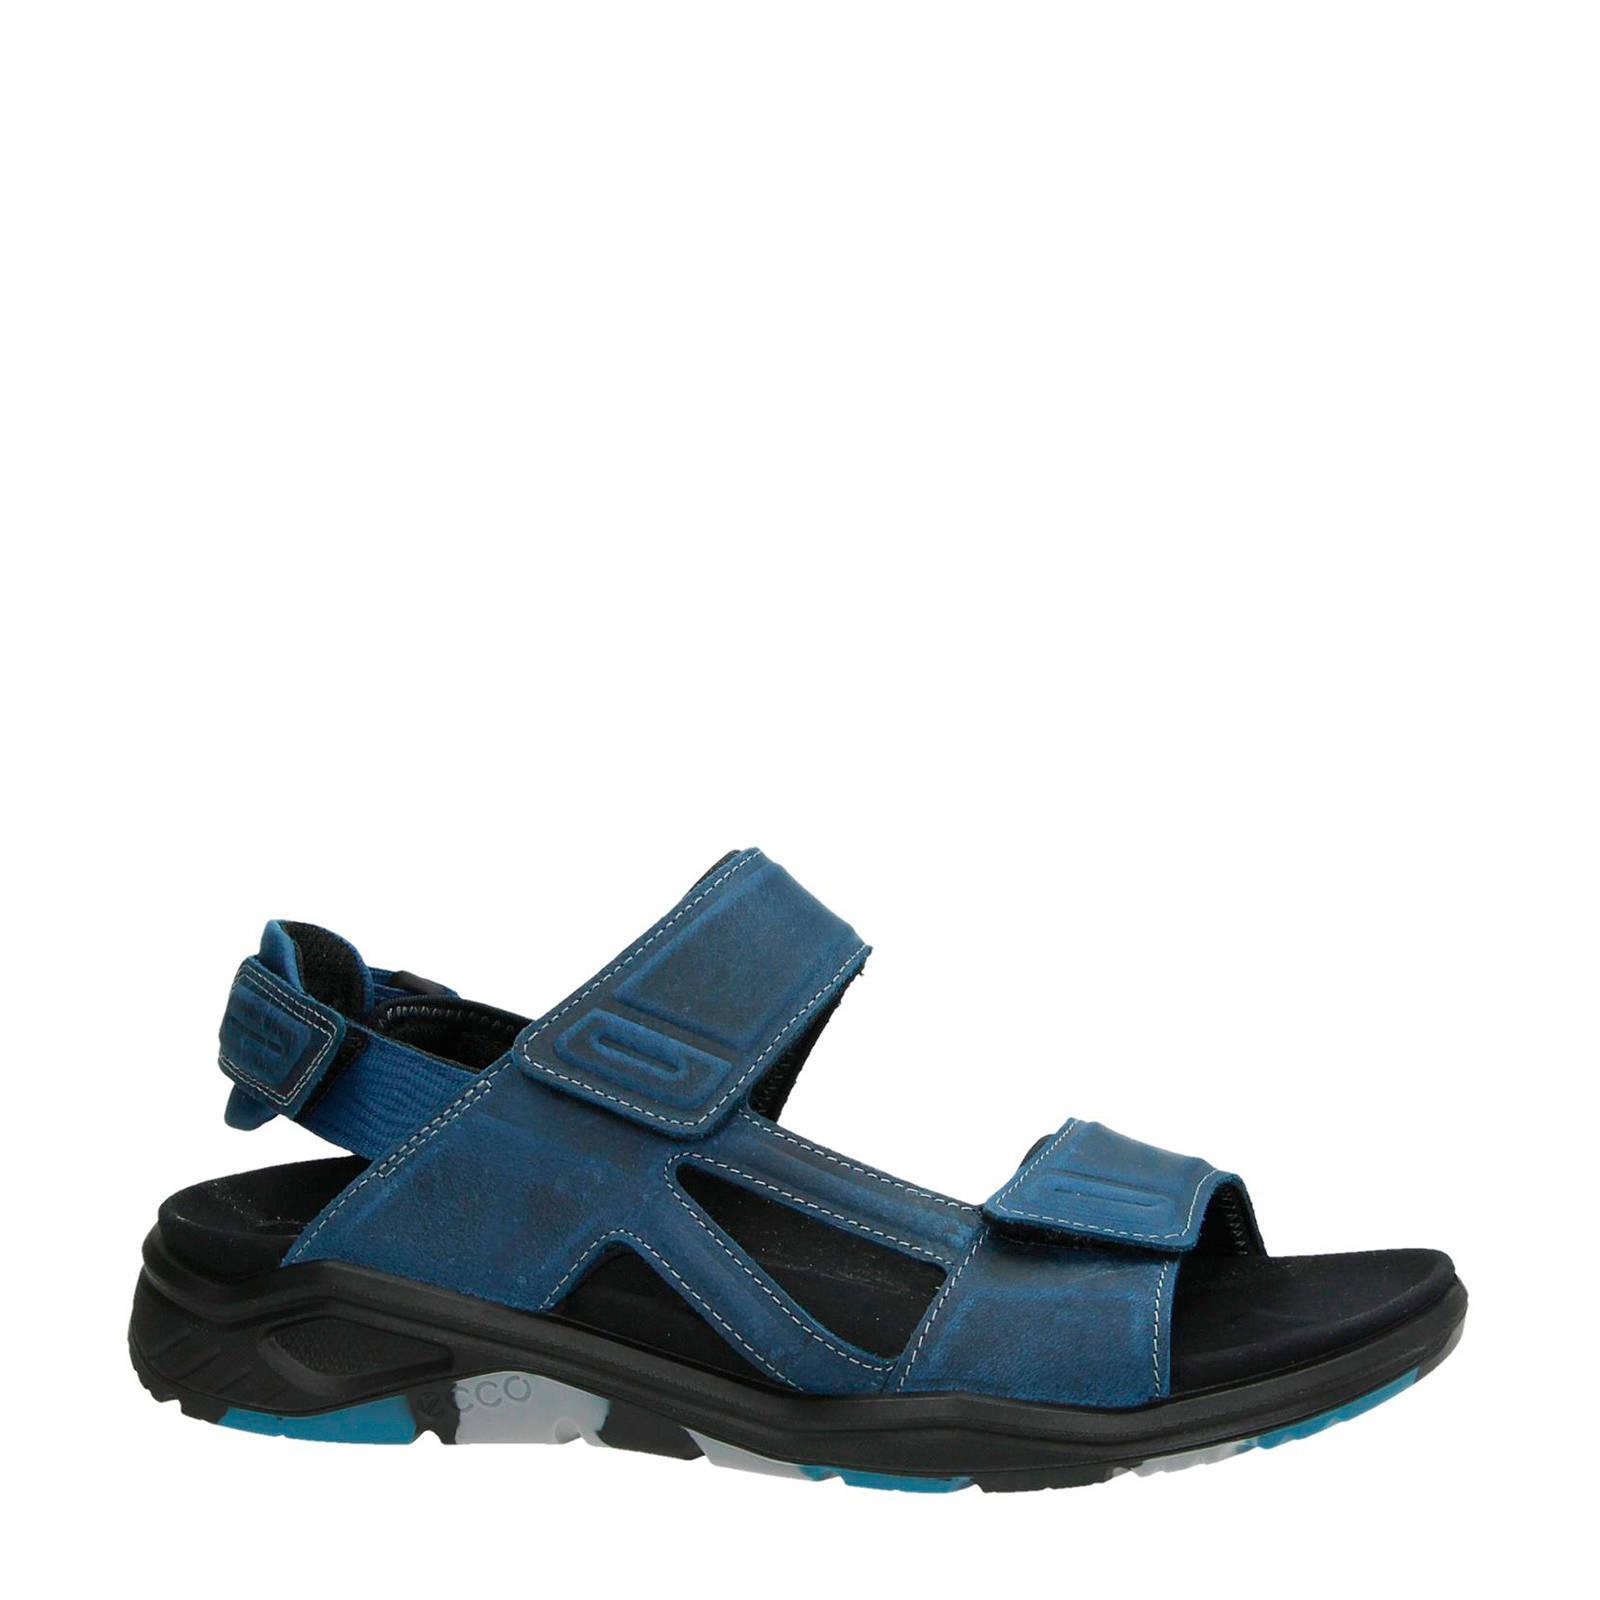 fbffdefdf25 ecco comfortabele dames sandalen